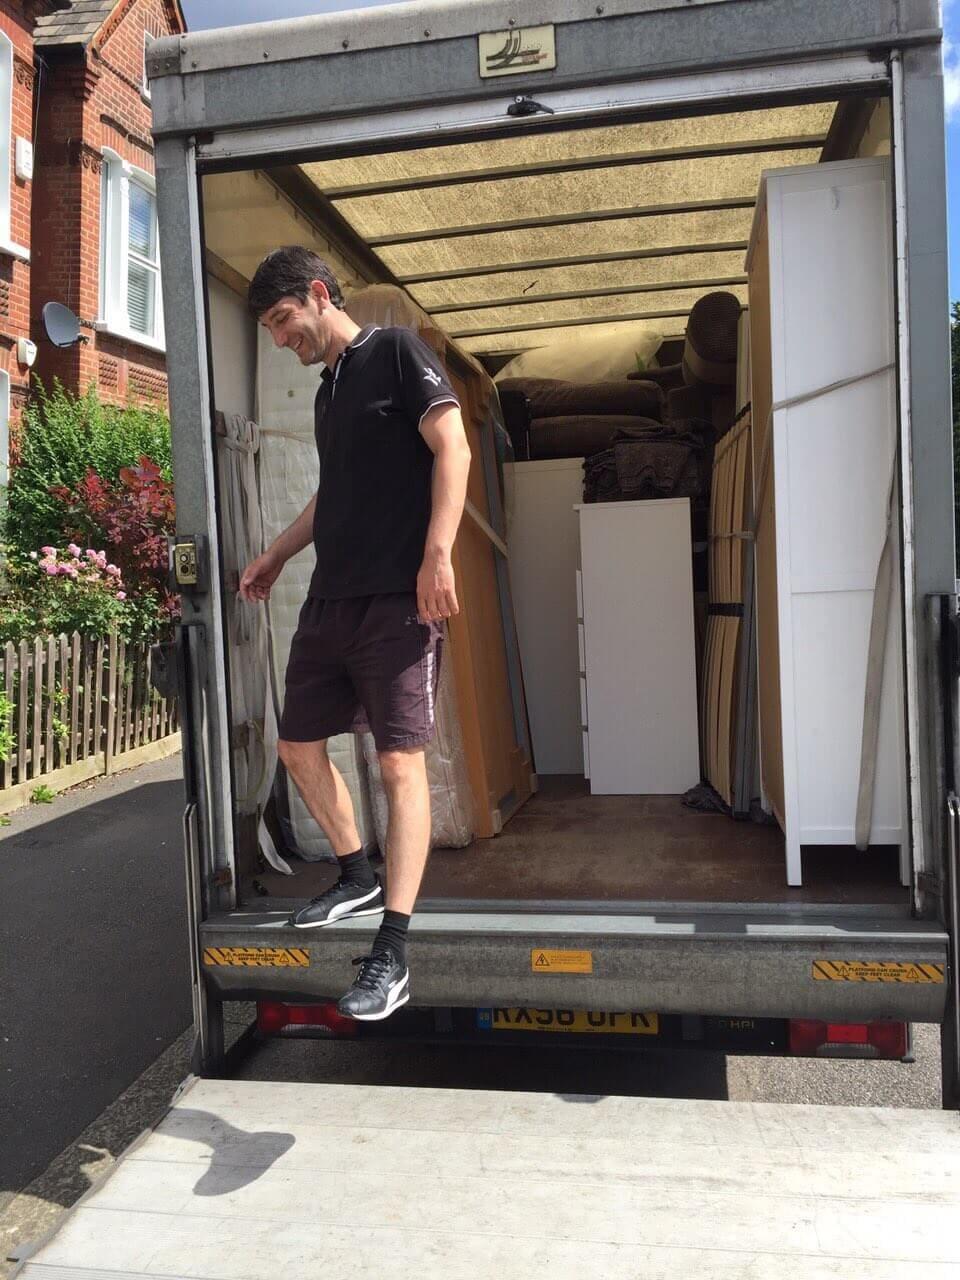 van removals Pratt's Bottom